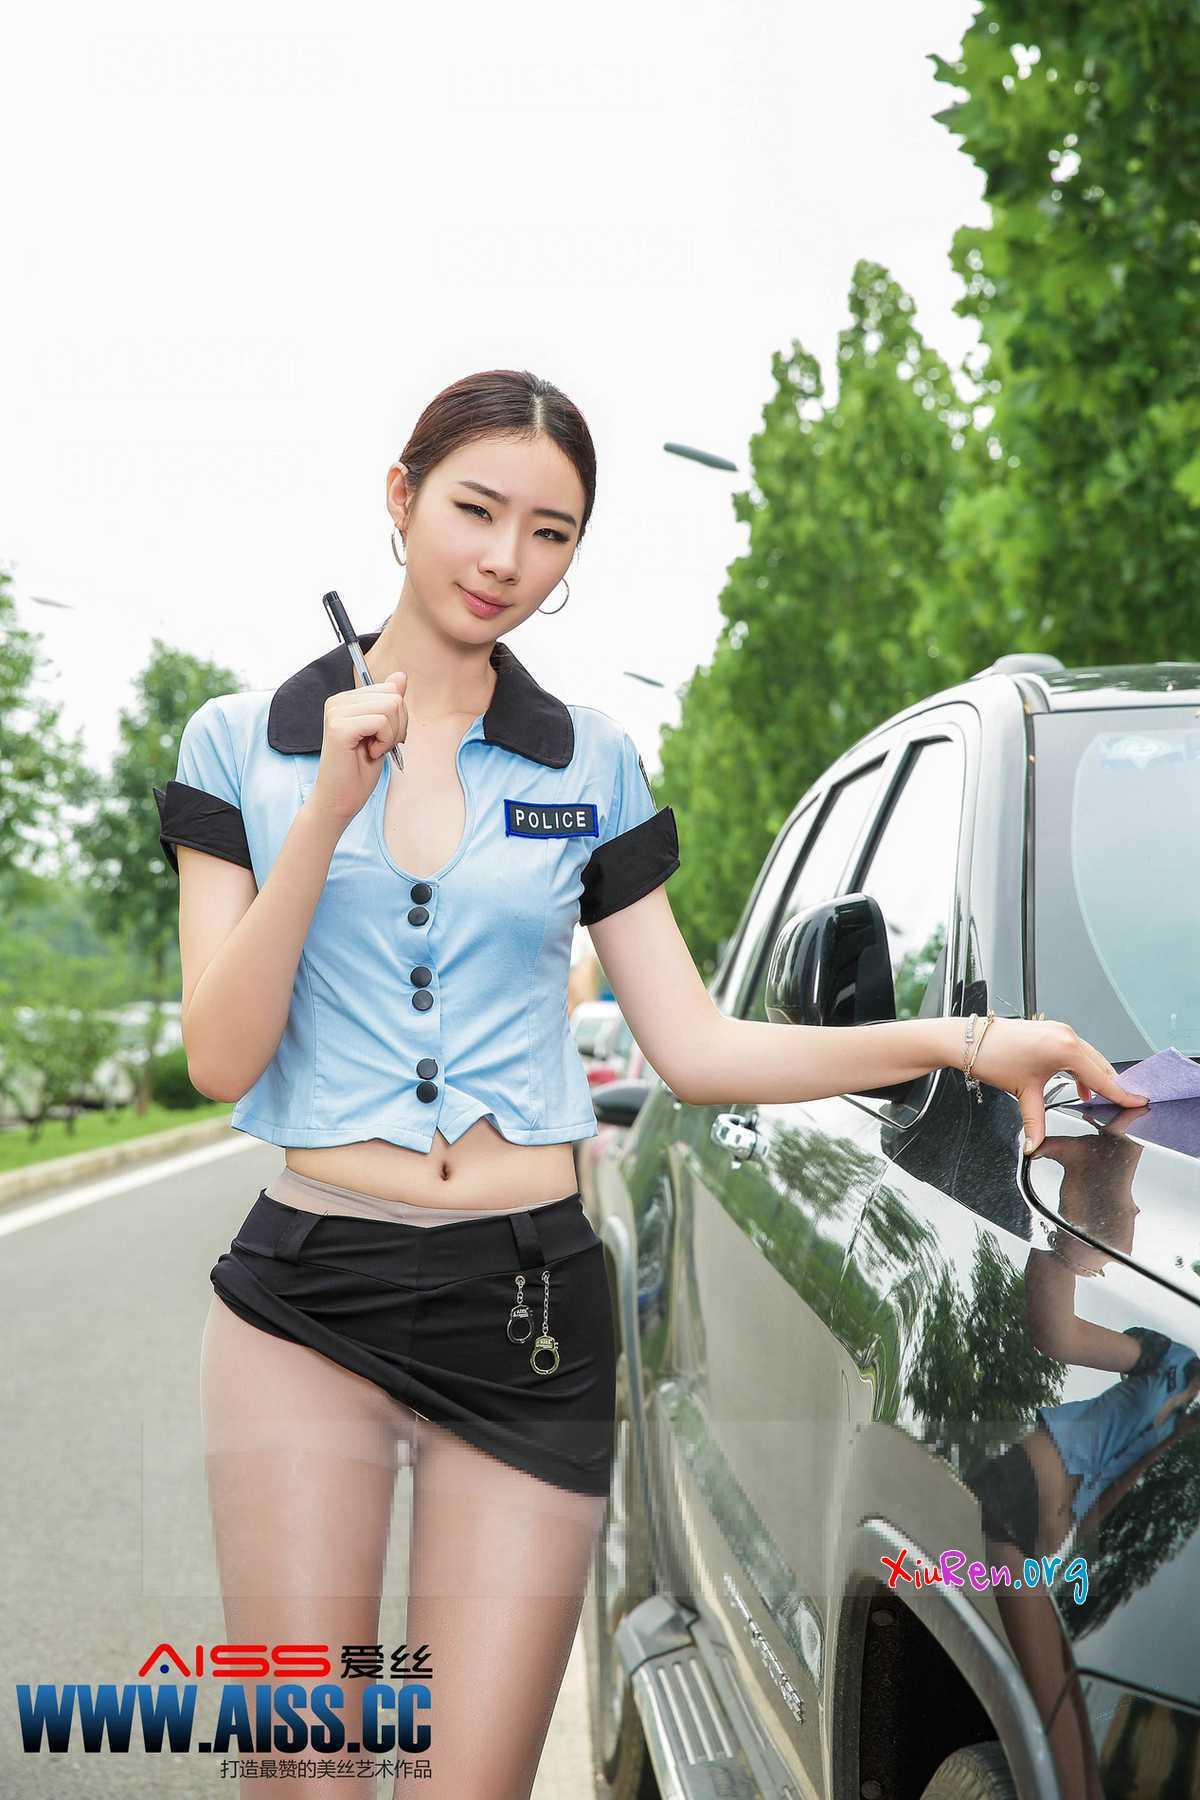 动感小站图片_AISS爱丝第61期 长腿女警cosplay制服诱惑 64P - 秀人网 snfbq.net